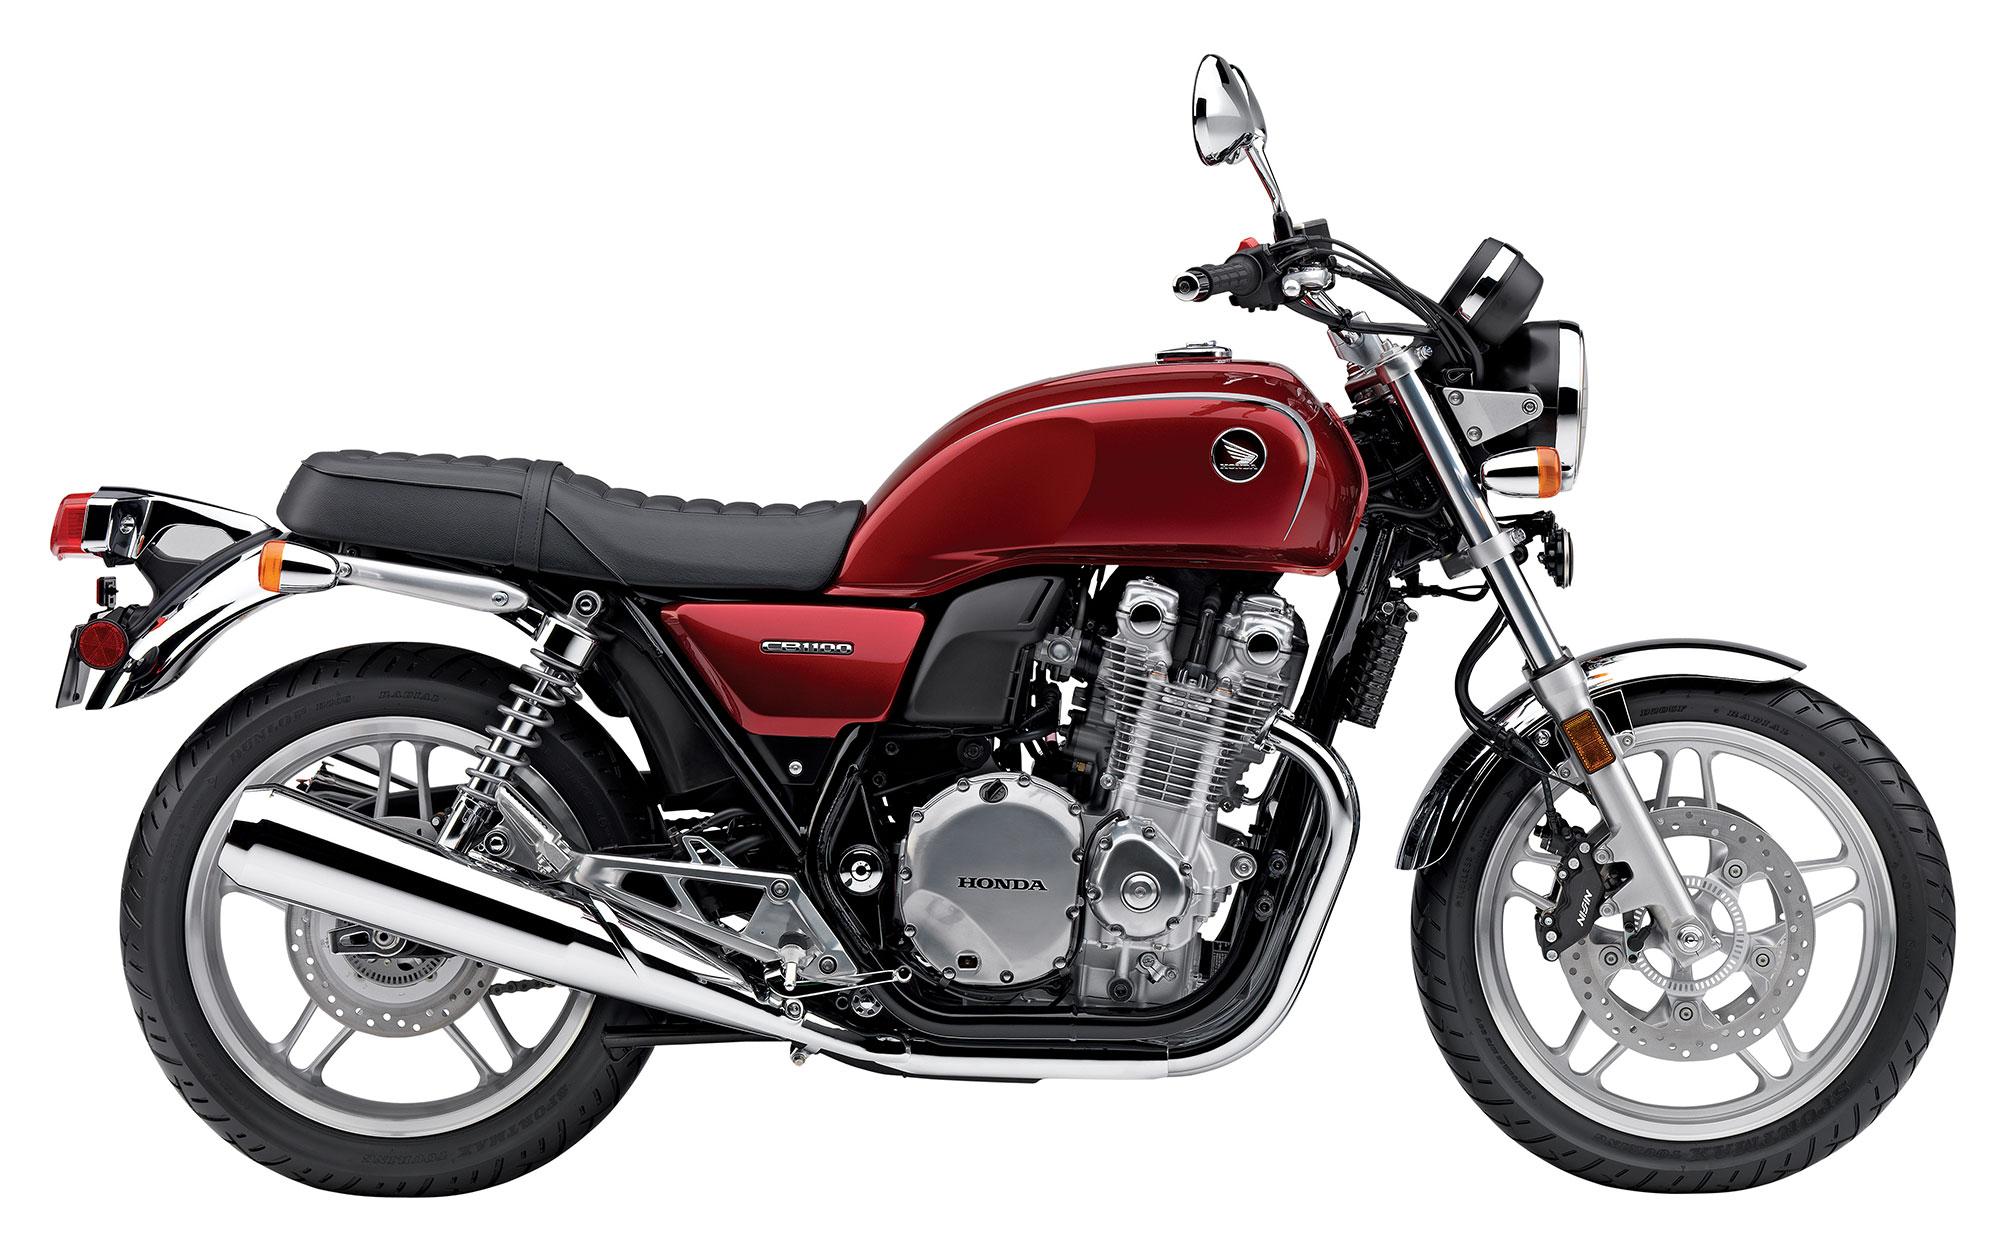 本田honda摩托车-2018本田cb1100图片 366820 2014x1249